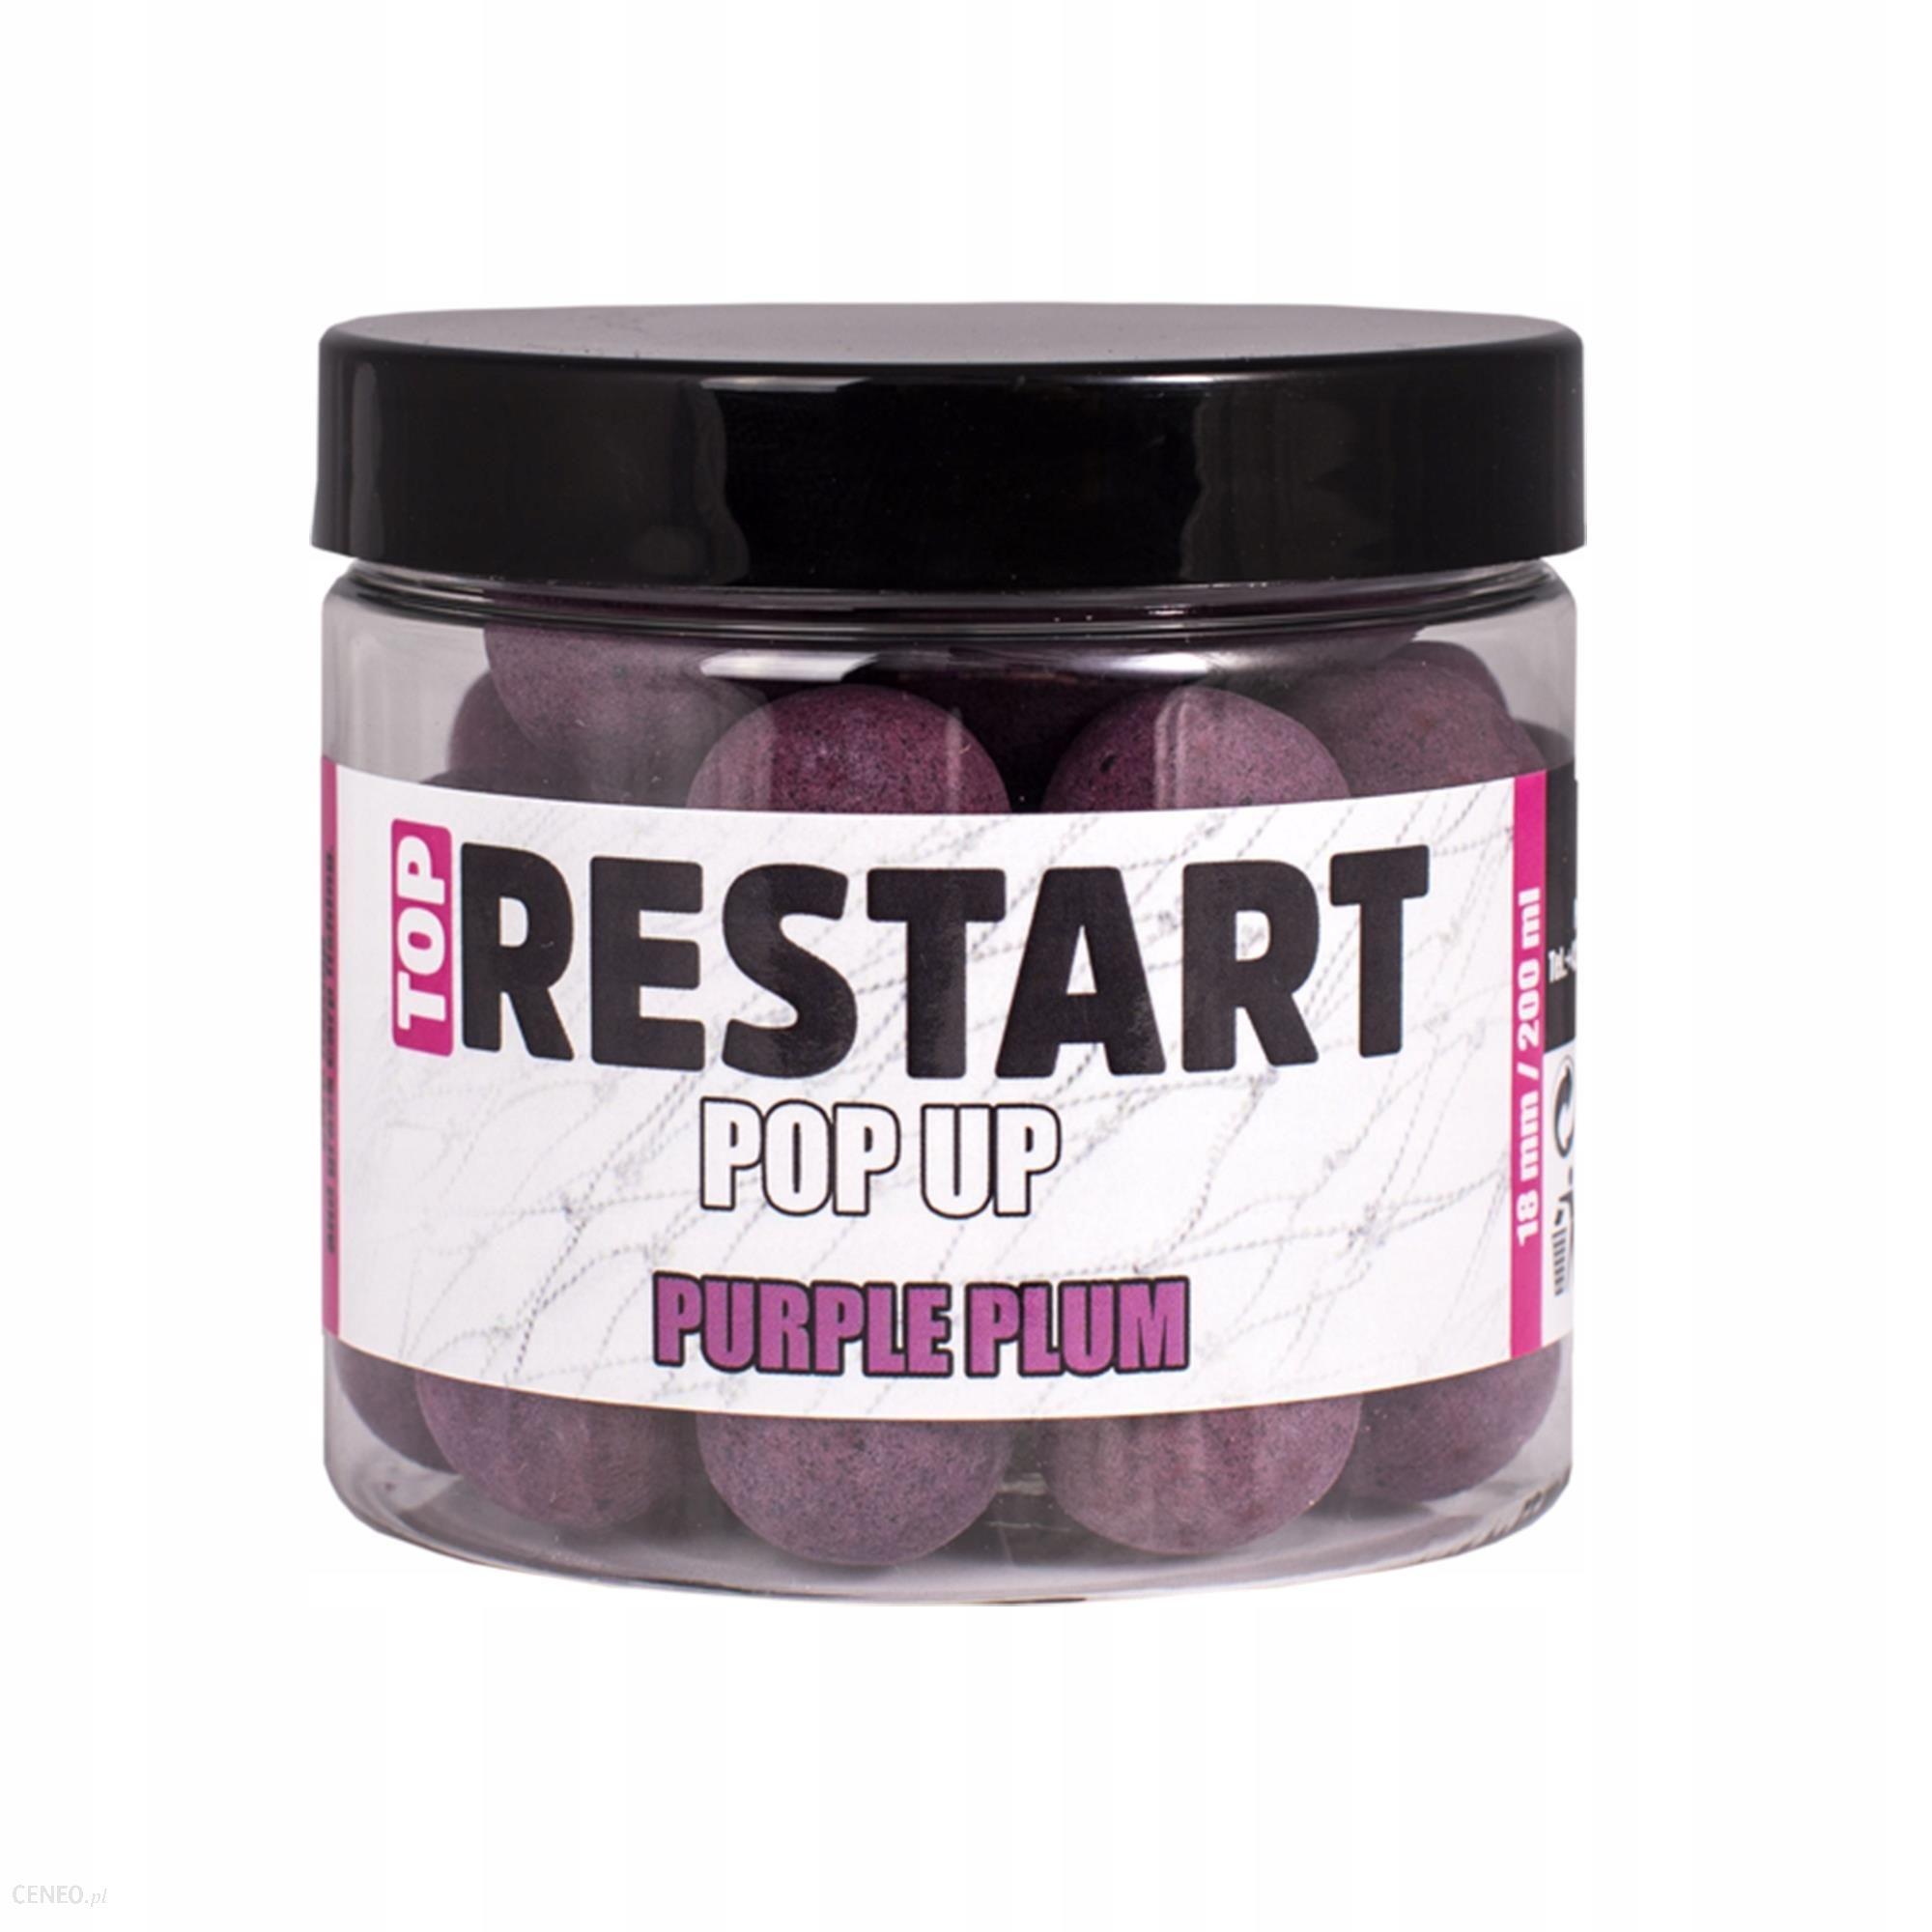 Lk Baits Pop Up Top Restart Purple plum 18mm 200ml